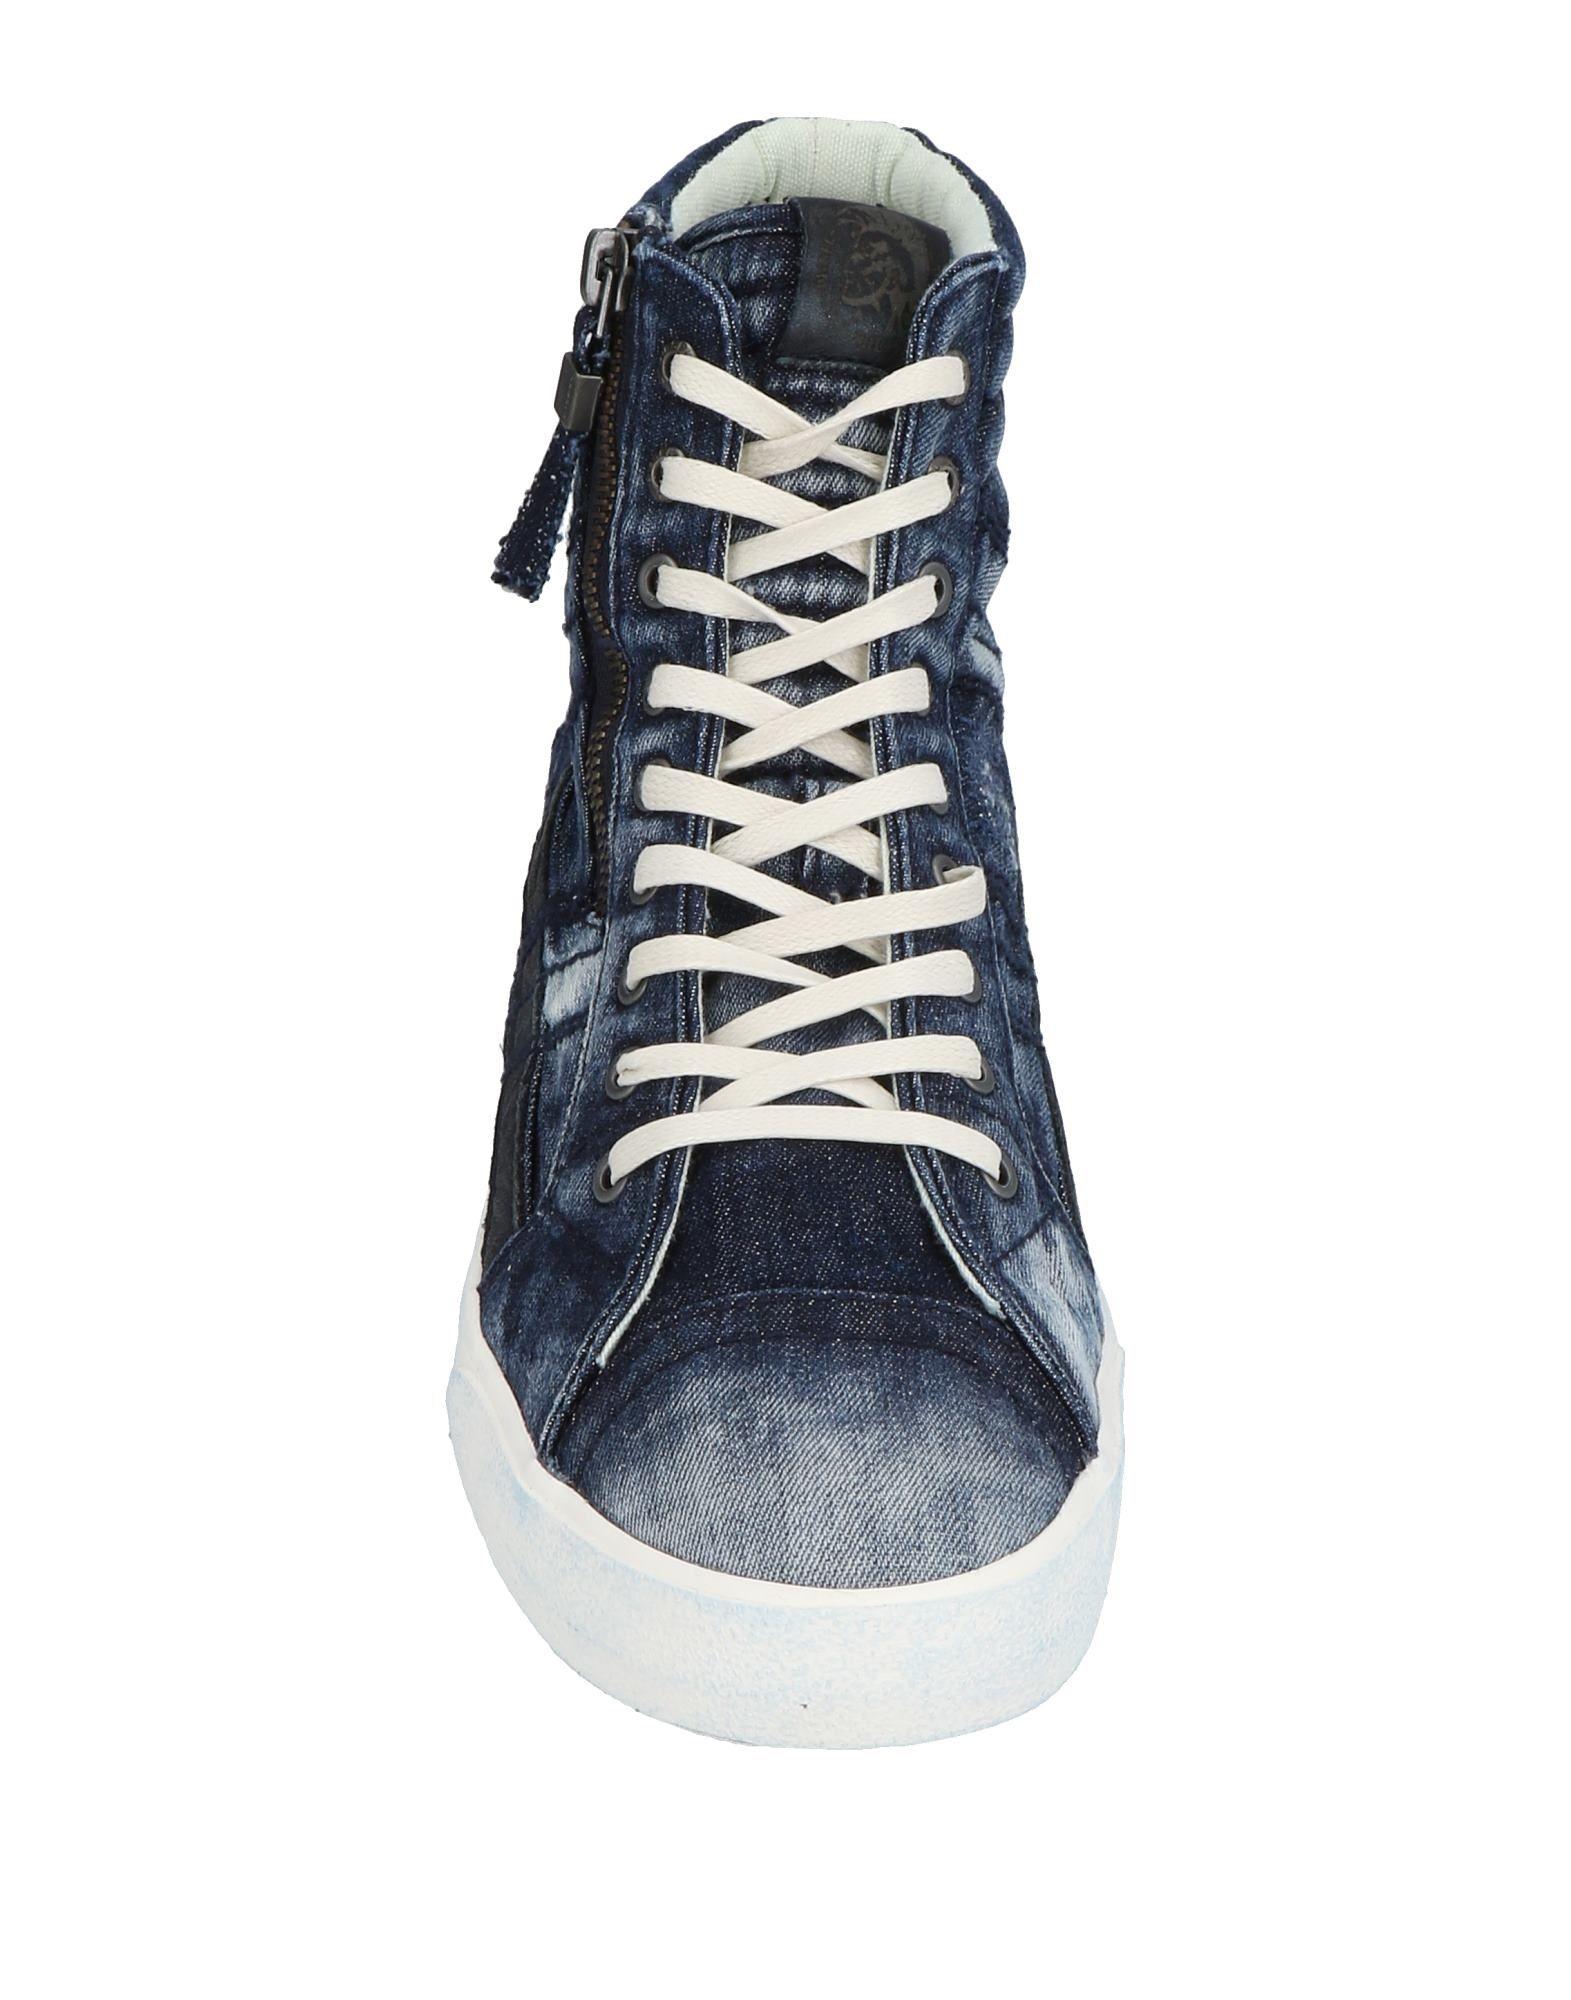 Rabatt echte  Schuhe Diesel Sneakers Herren  echte 11491148QG aa4fe1